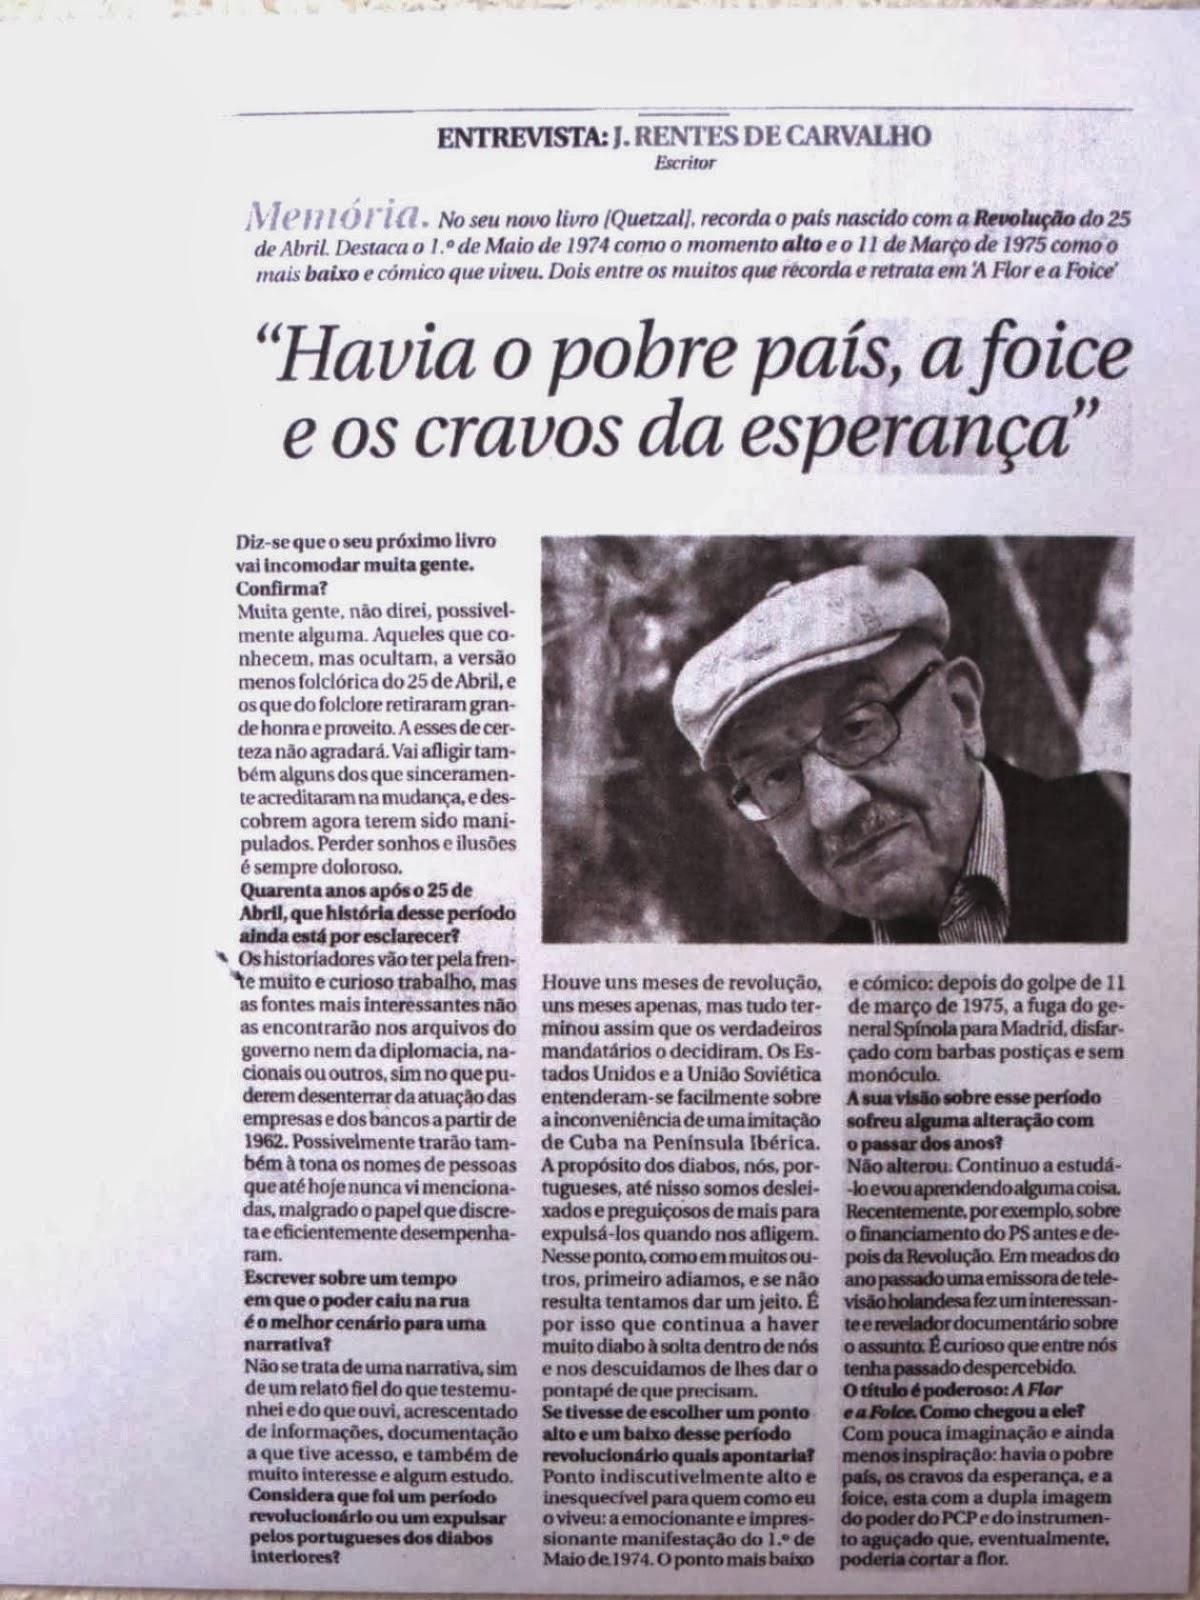 José Rentes de Carvalho Portugal a Flor e a Foice